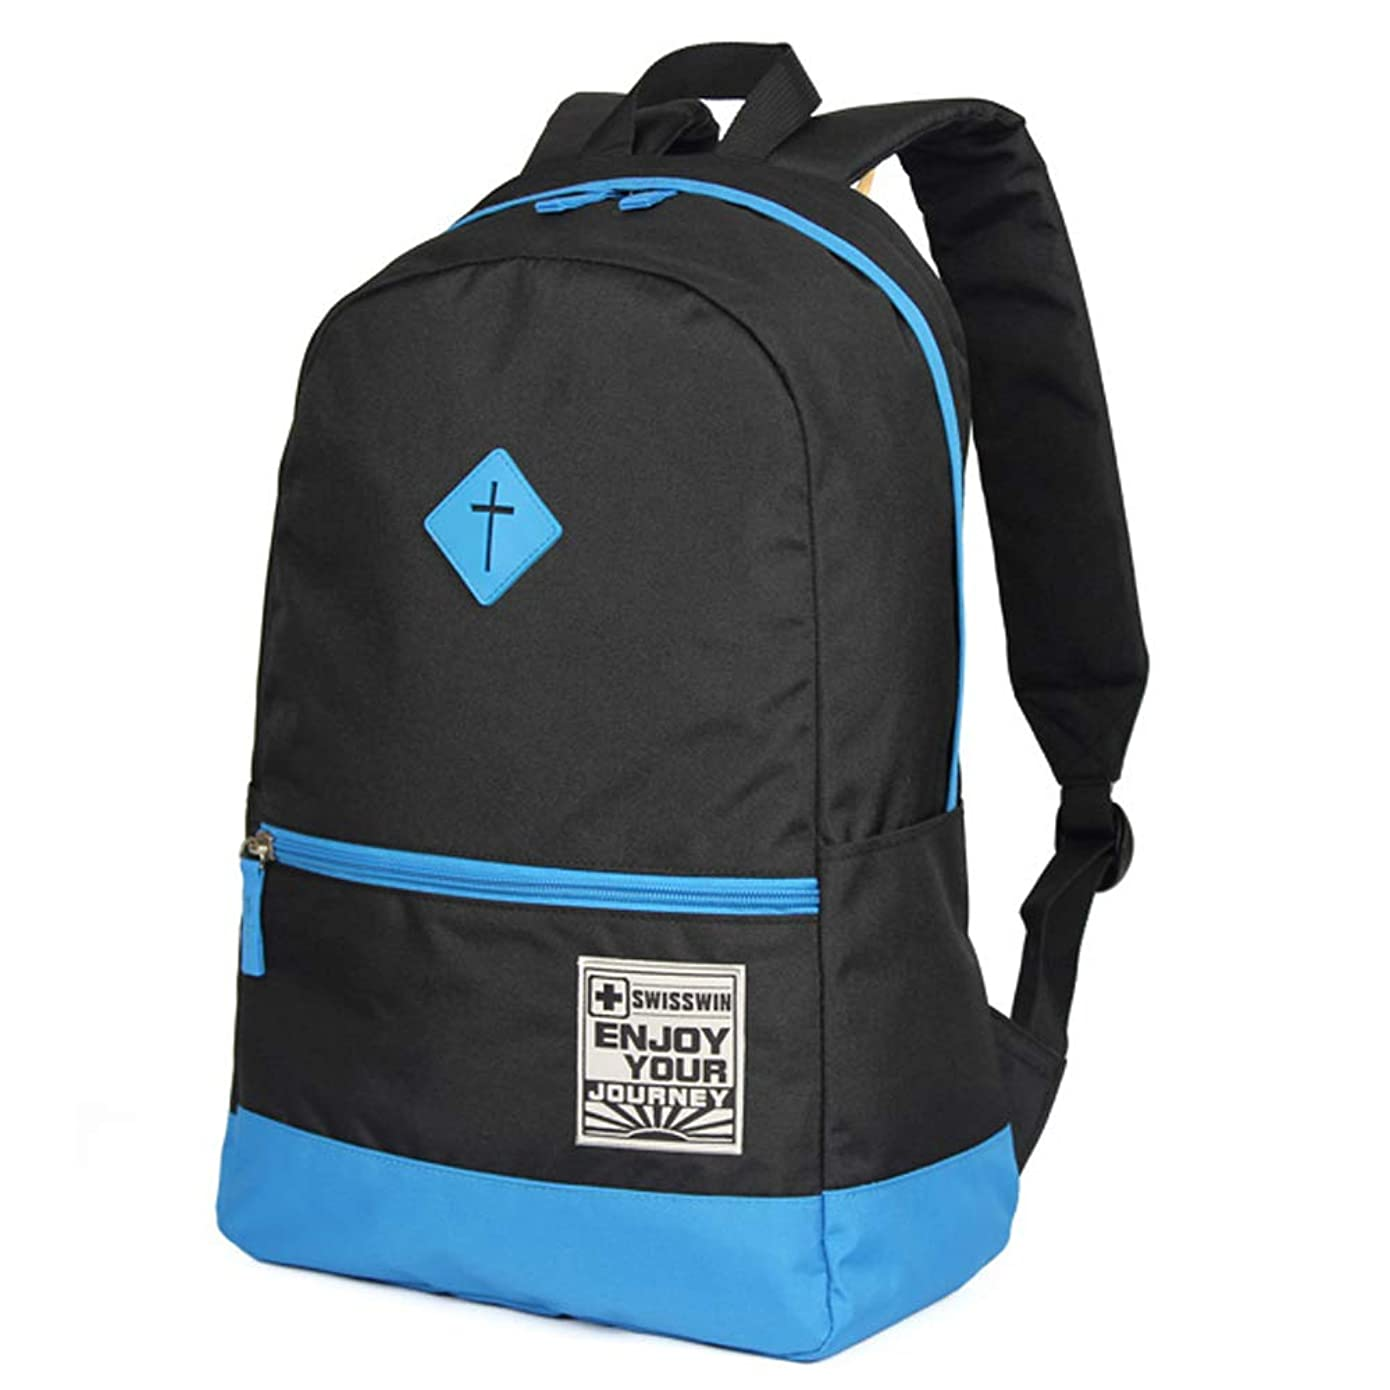 顕現オークションコークスSWISSWIN バッグパック メンズ レディース 通学 カジュアル 撥水 軽量 3色 SWK2008